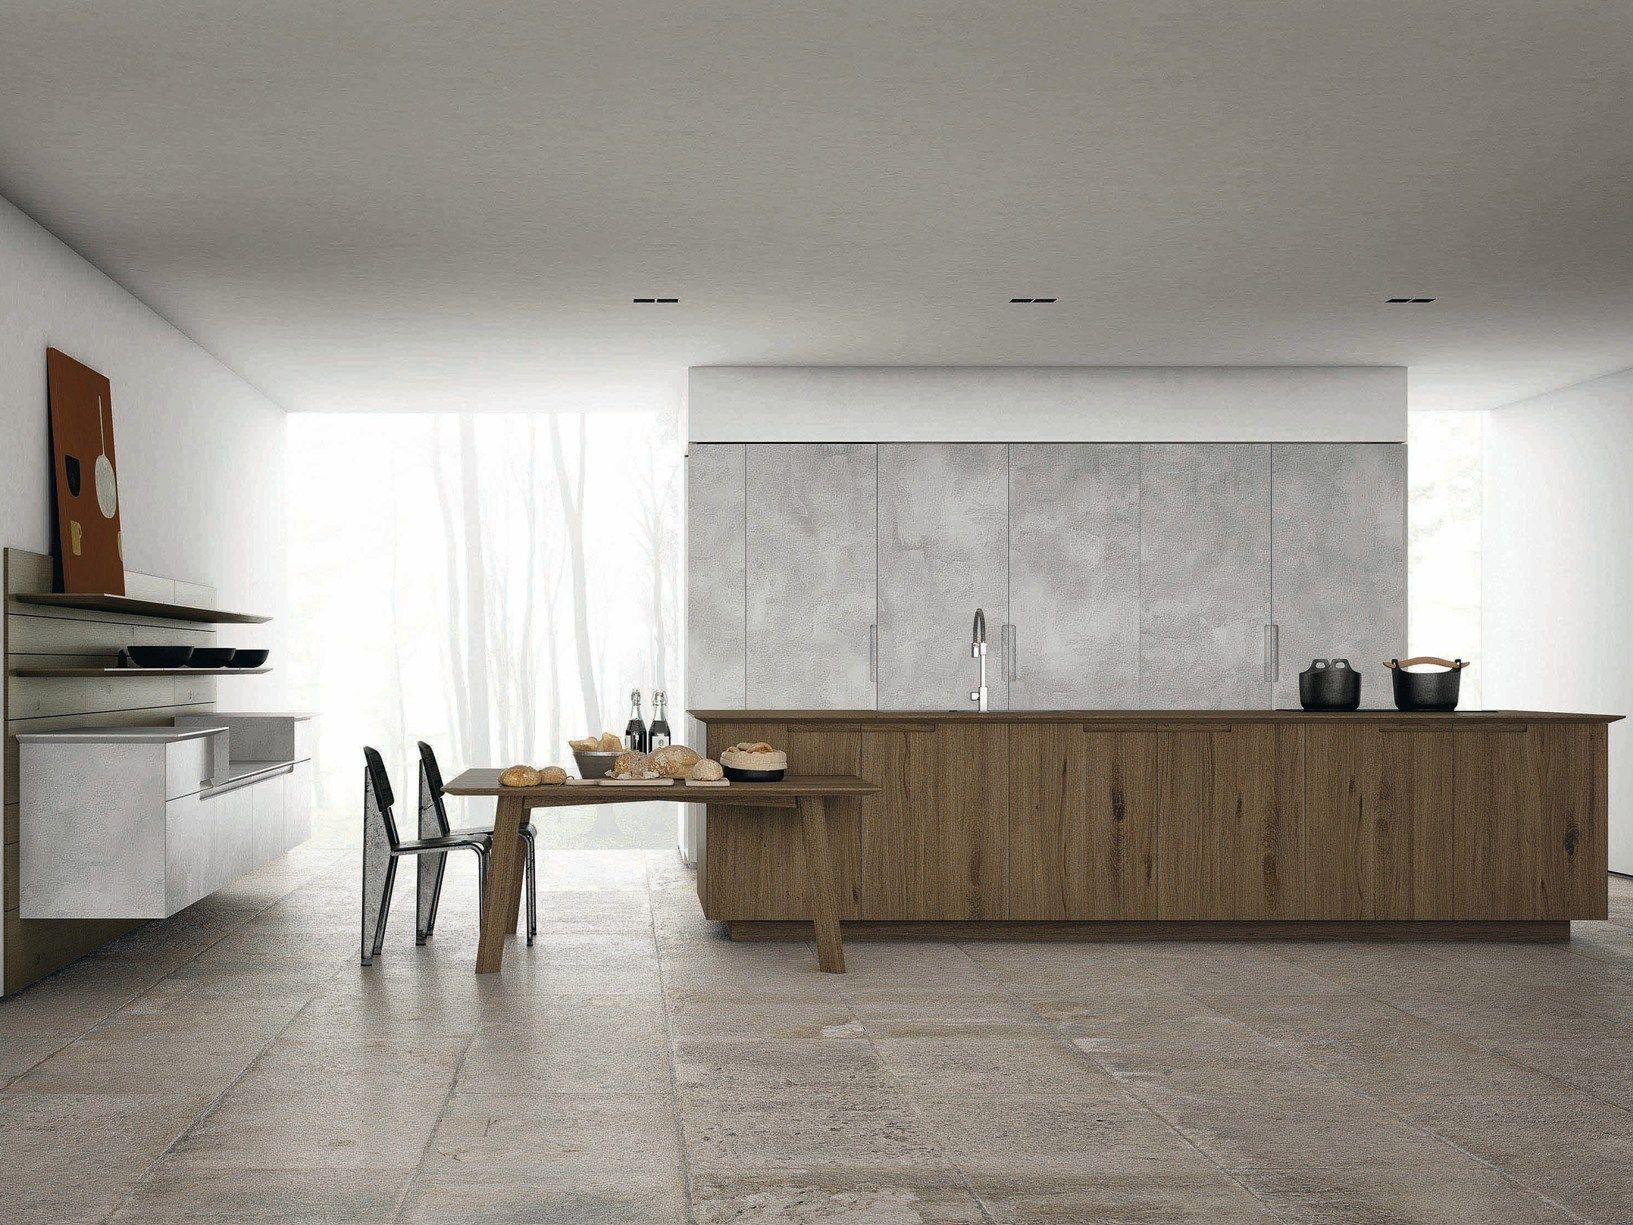 Nuove soluzioni estetiche e funzionali per le cucine Cesar